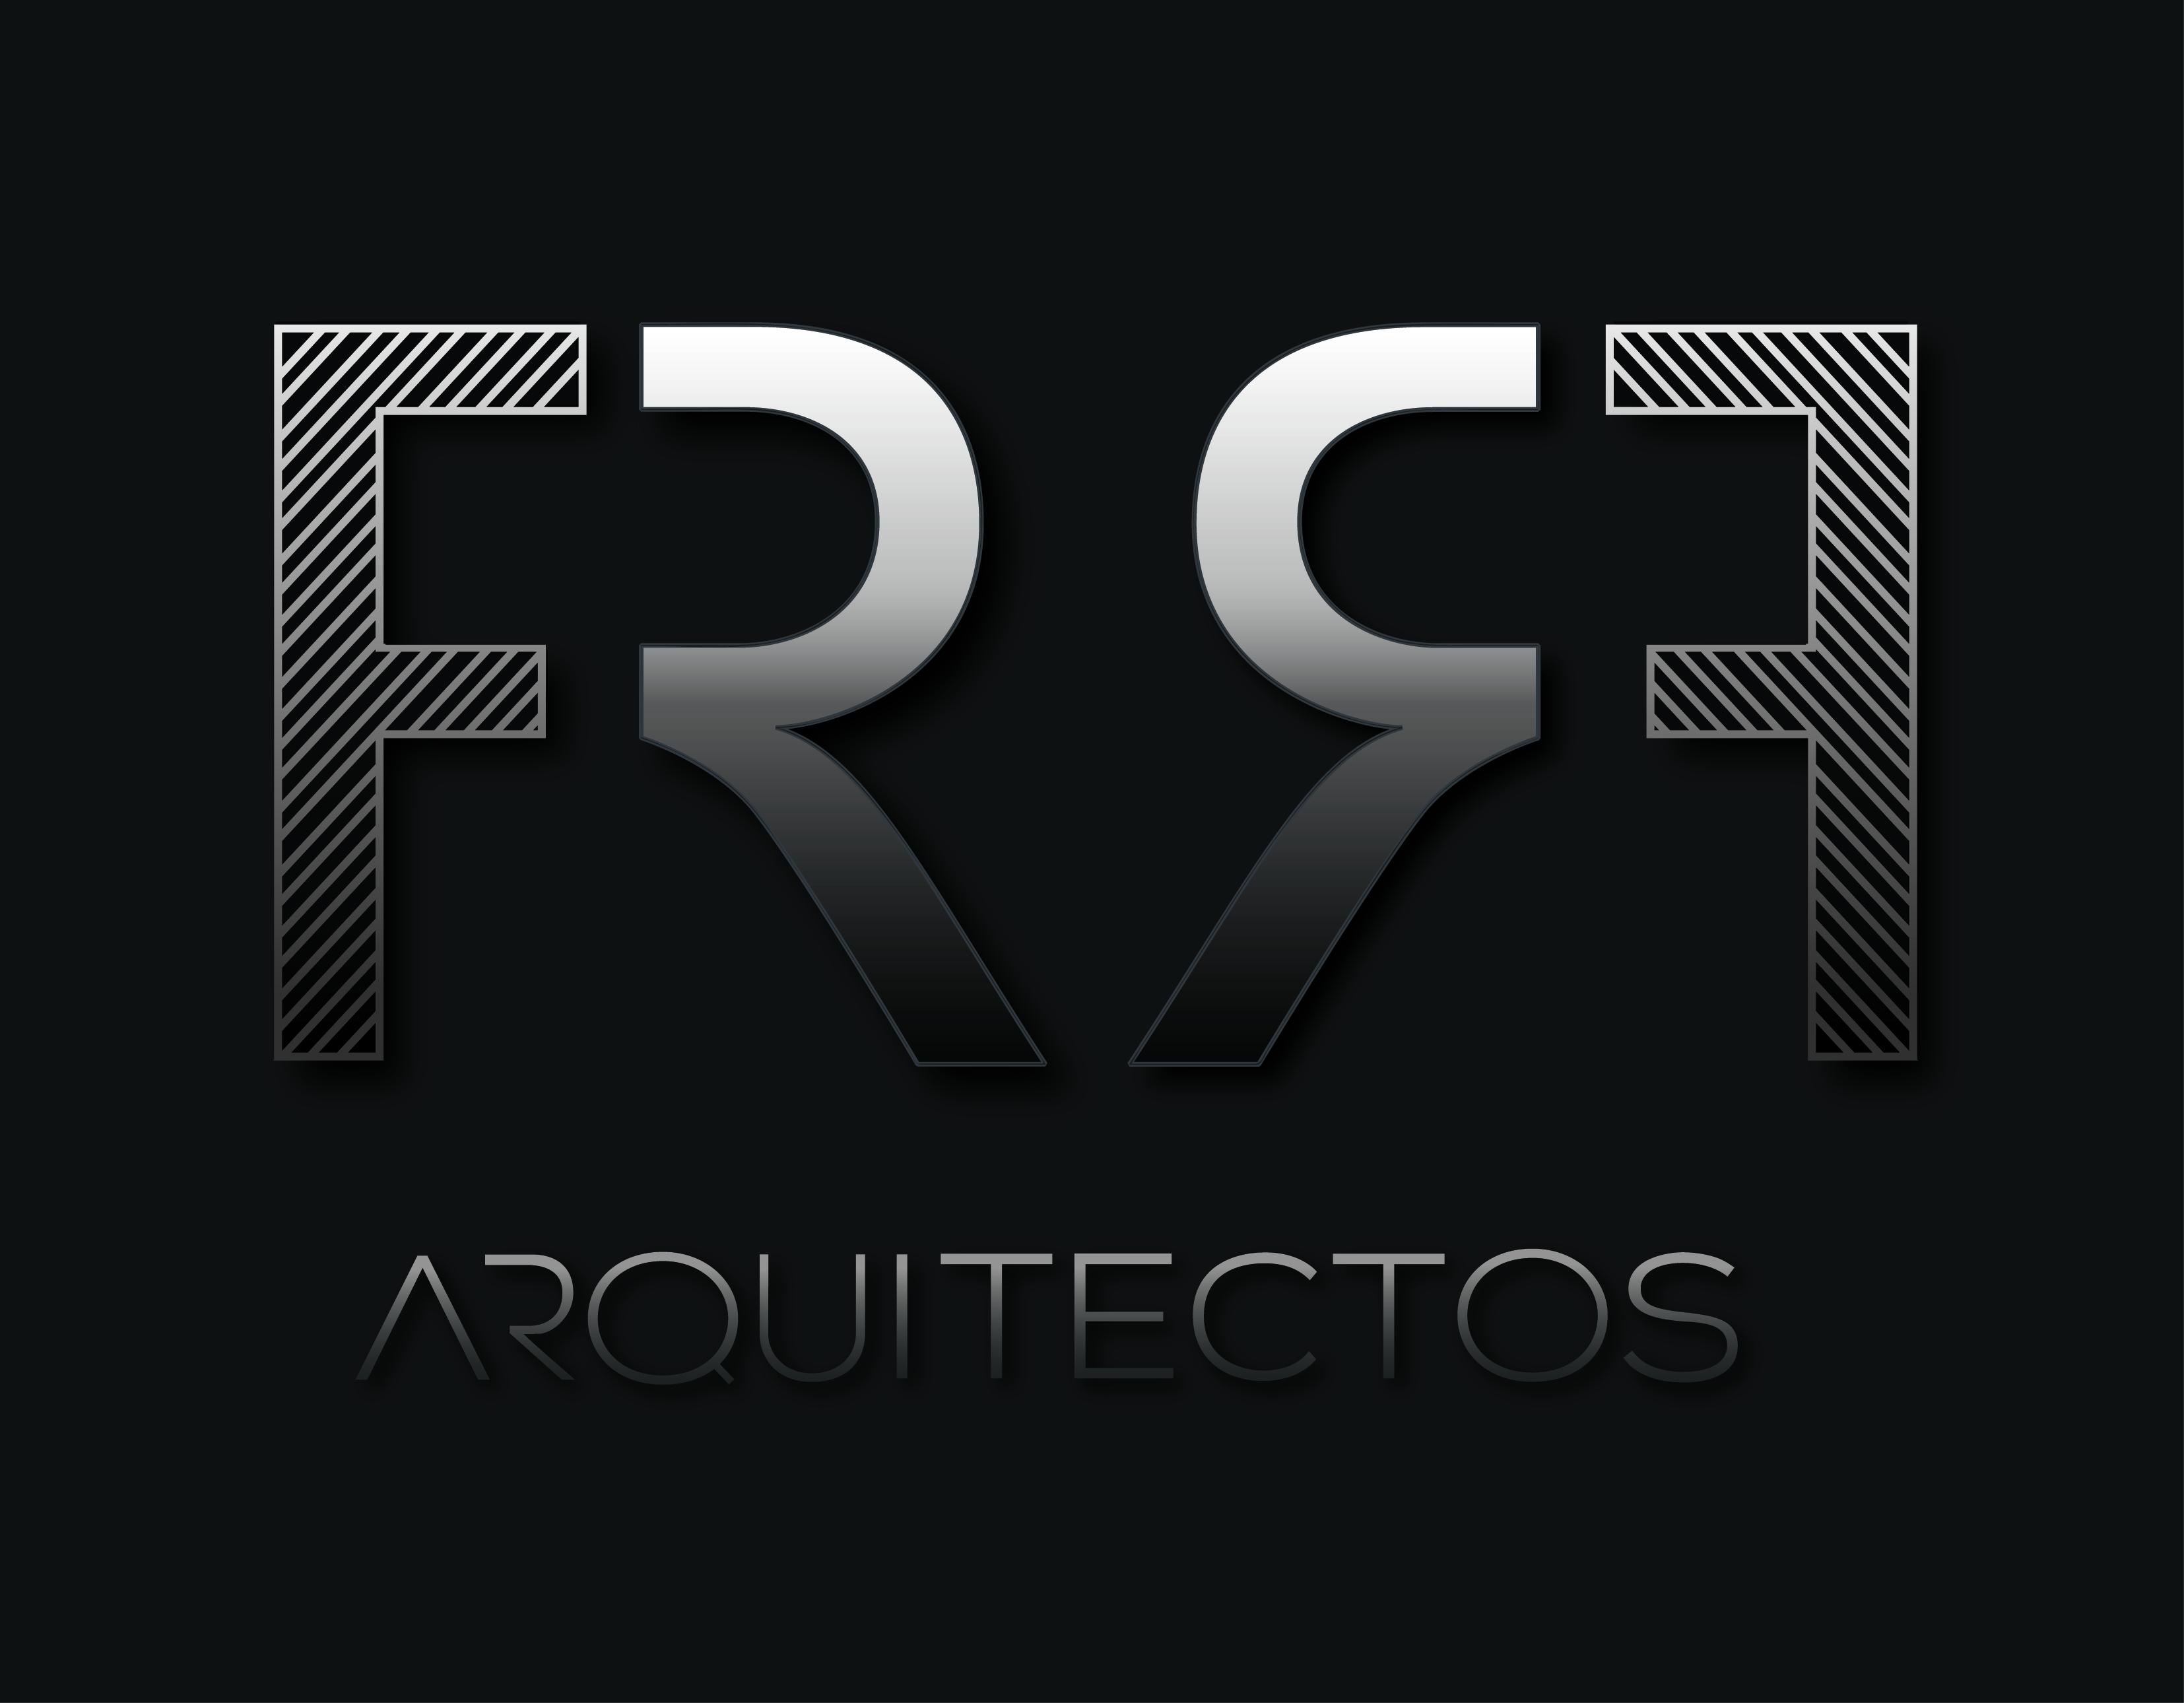 Fr Arquitectos